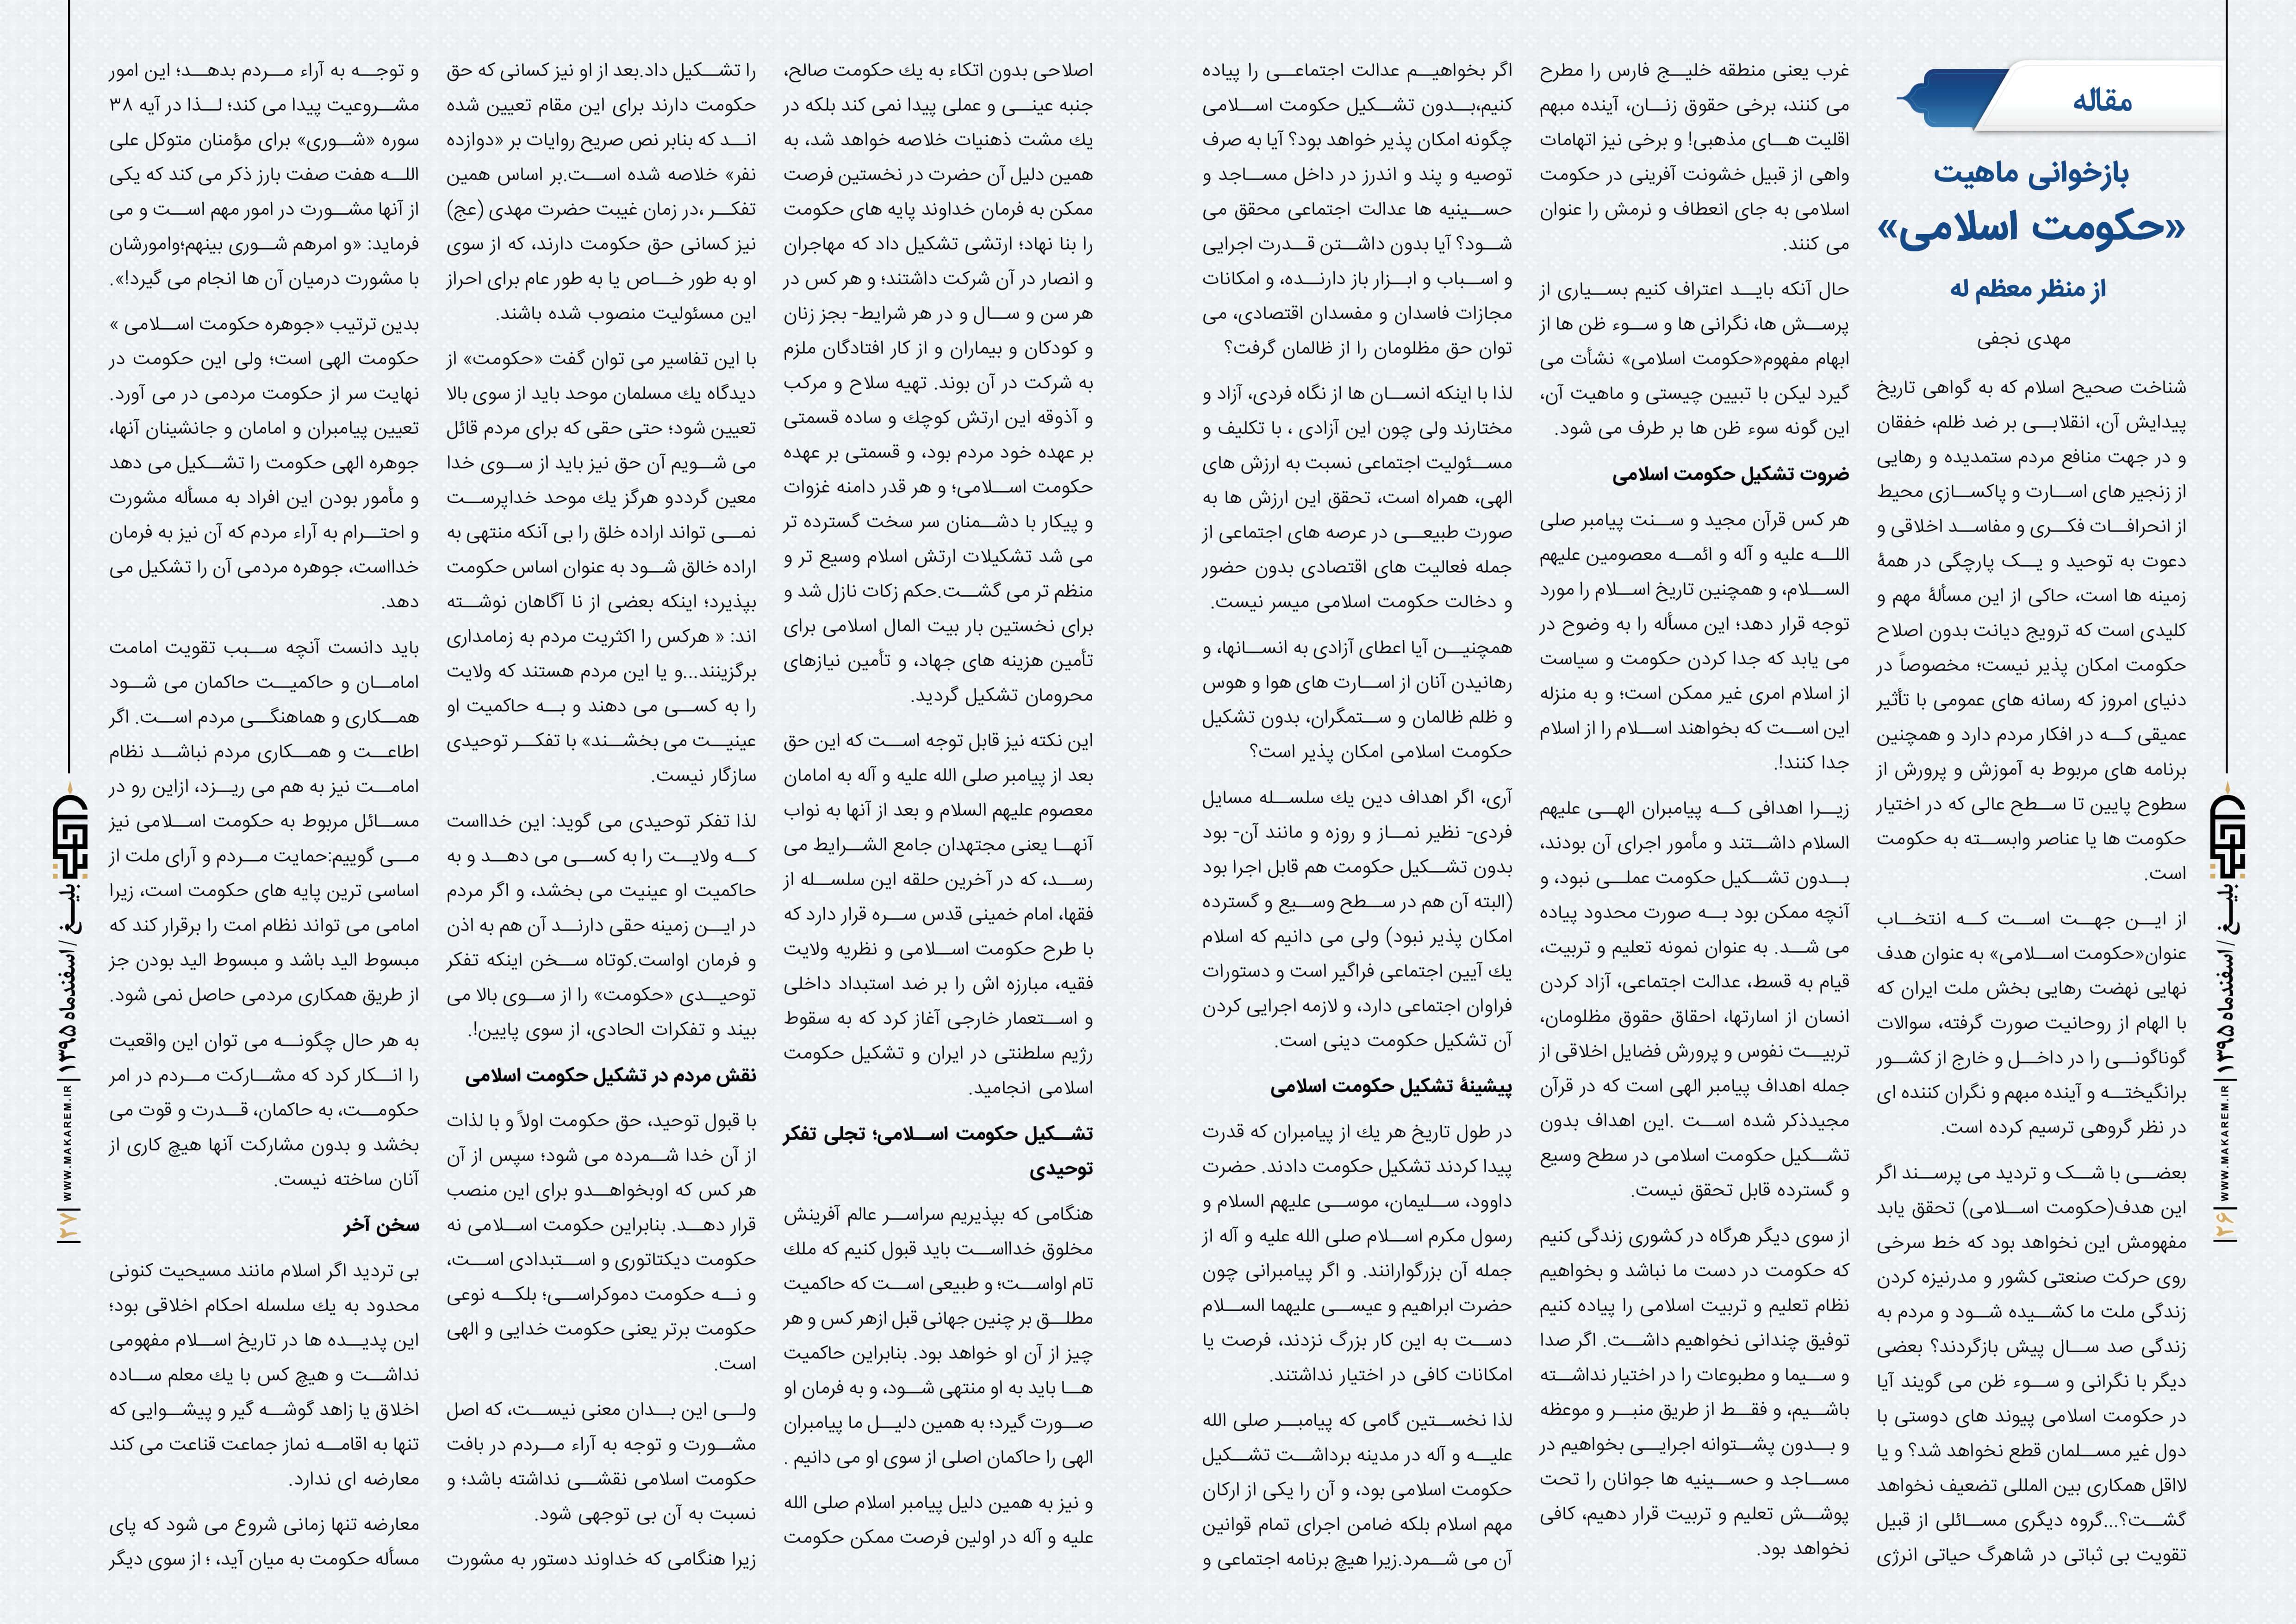 - مقاله بازخوانی ماهیت «حکومت اسلامی» از منظر معظم له-مدرسه الامام امیر المومنین (ع)